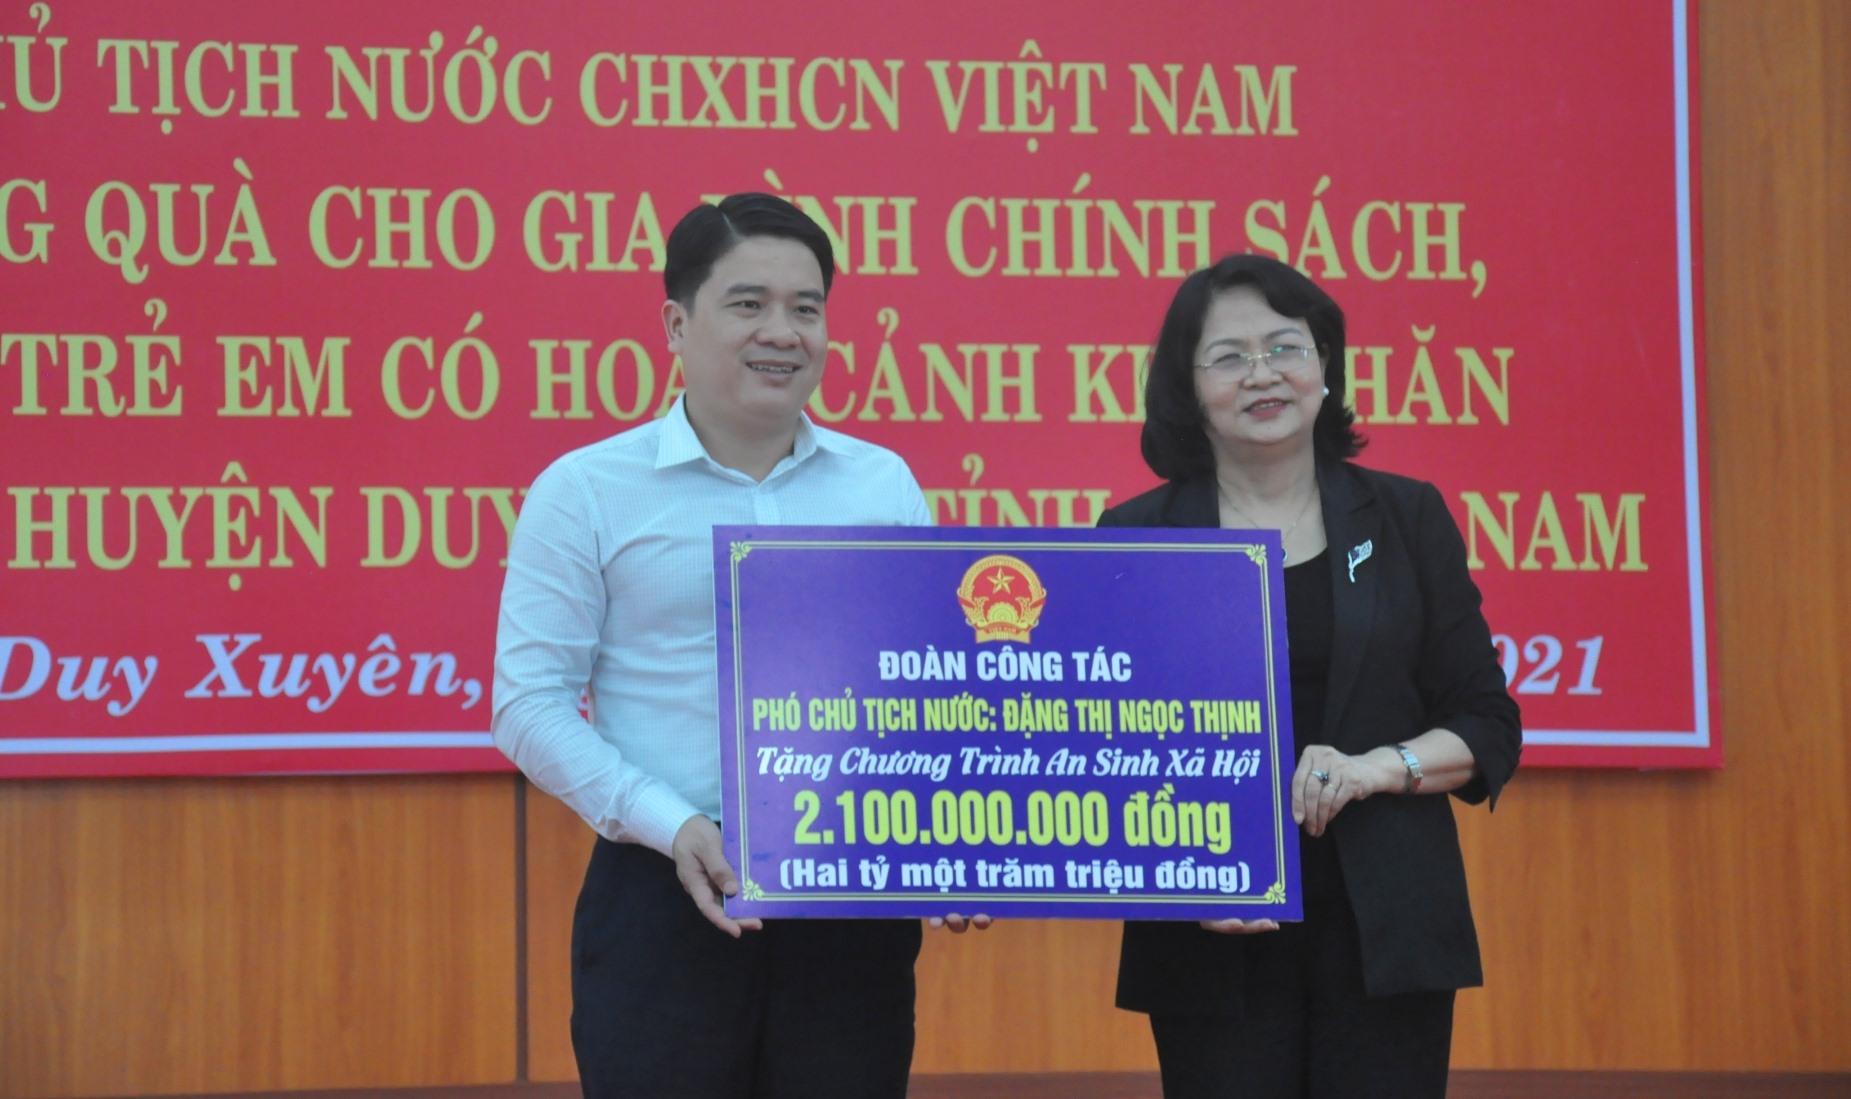 Phó Chủ tịch nước Đặng Thị Ngọc Thịnh trao tặng 2,1 tỷ đồng cho Chương trình an sinh xã hội của tỉnh